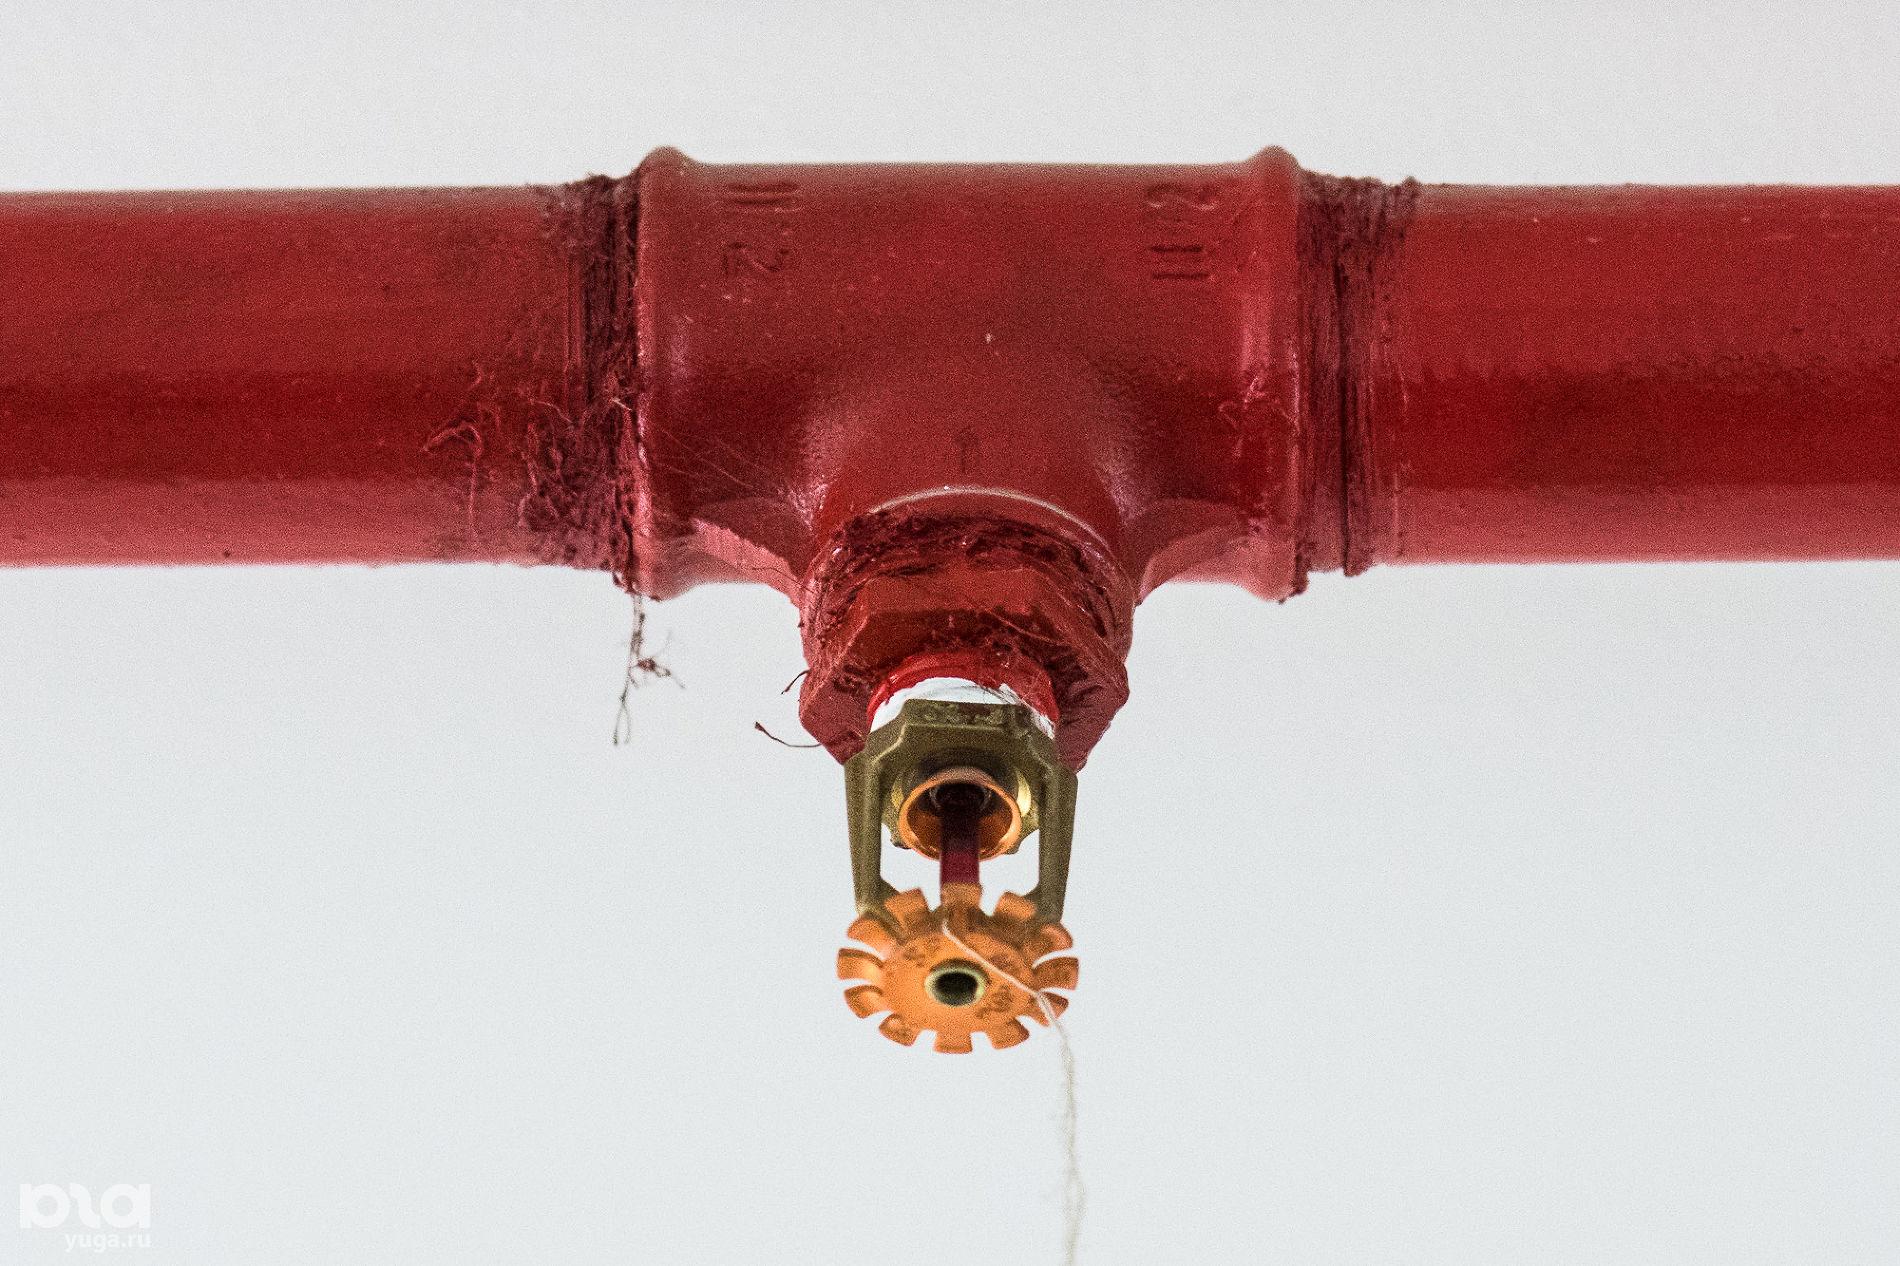 Сплинкерная система пожаротушения ©Фото Елены Синеок, Юга.ру